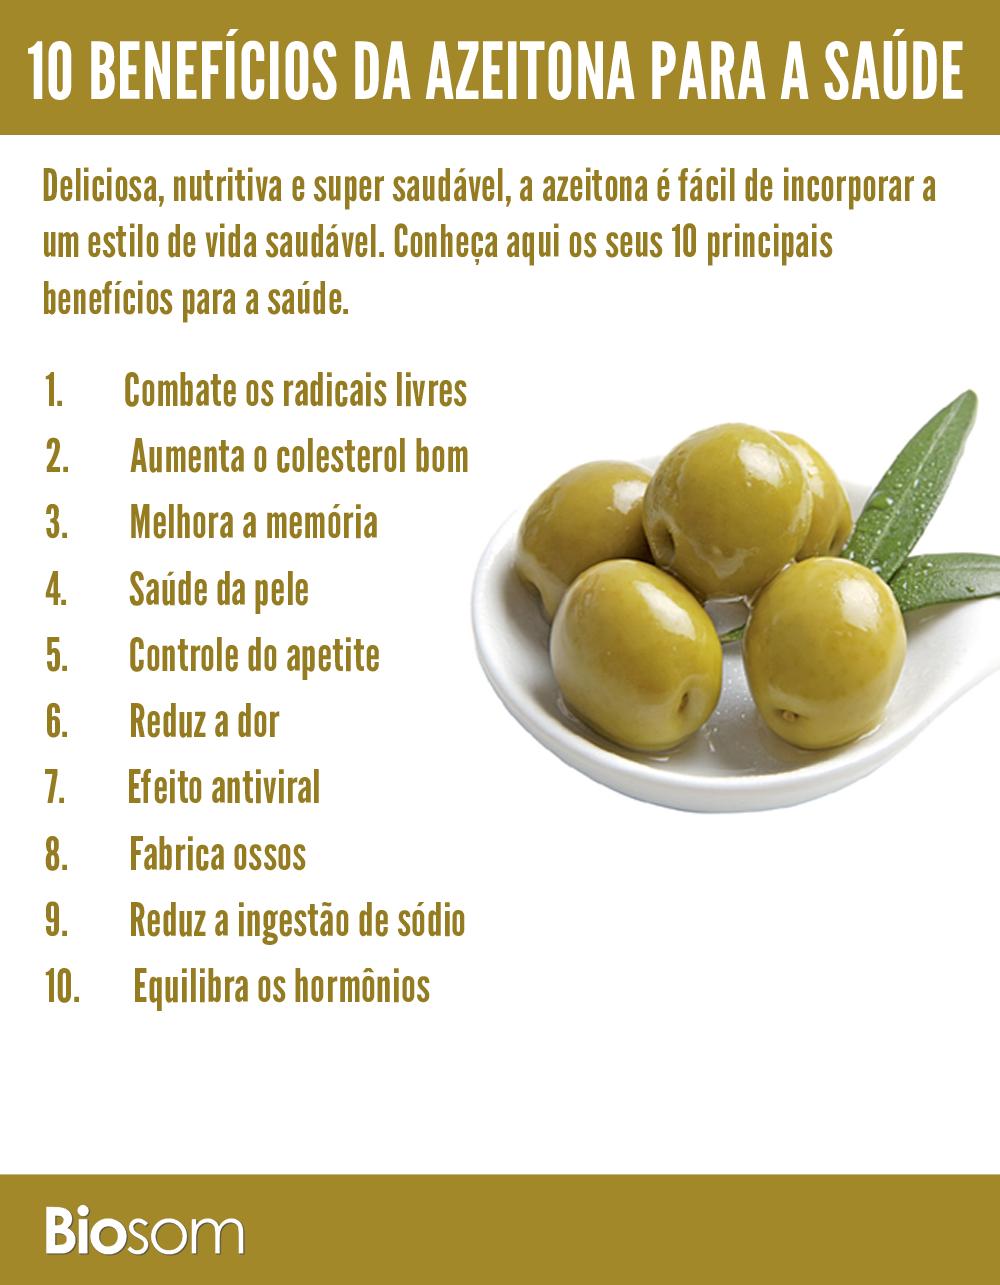 benefícios de azeitona para a saúde